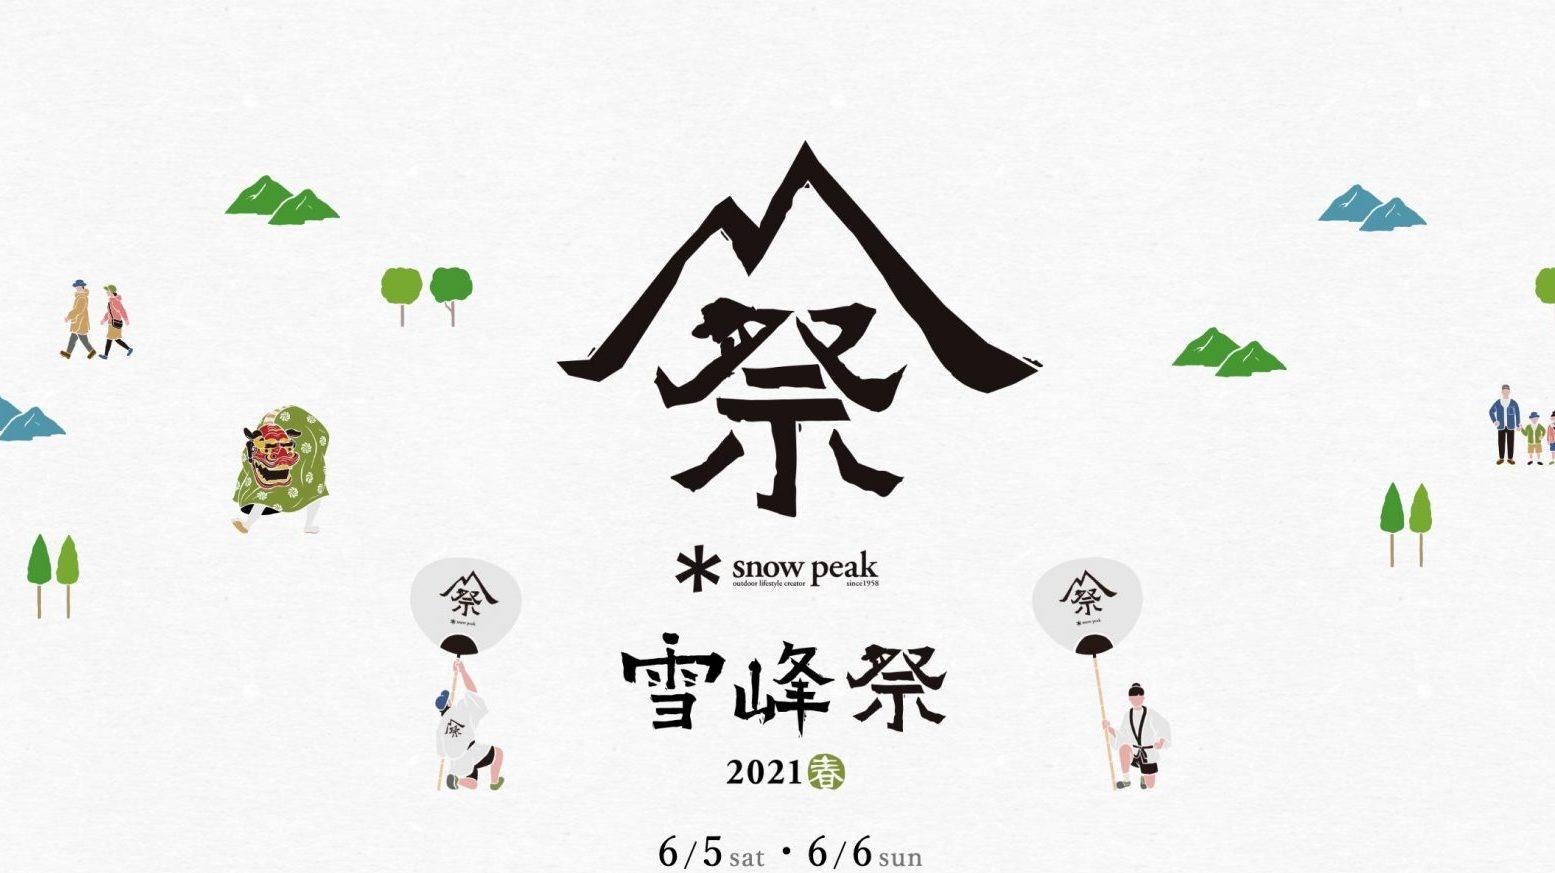 雪峰祭2021春